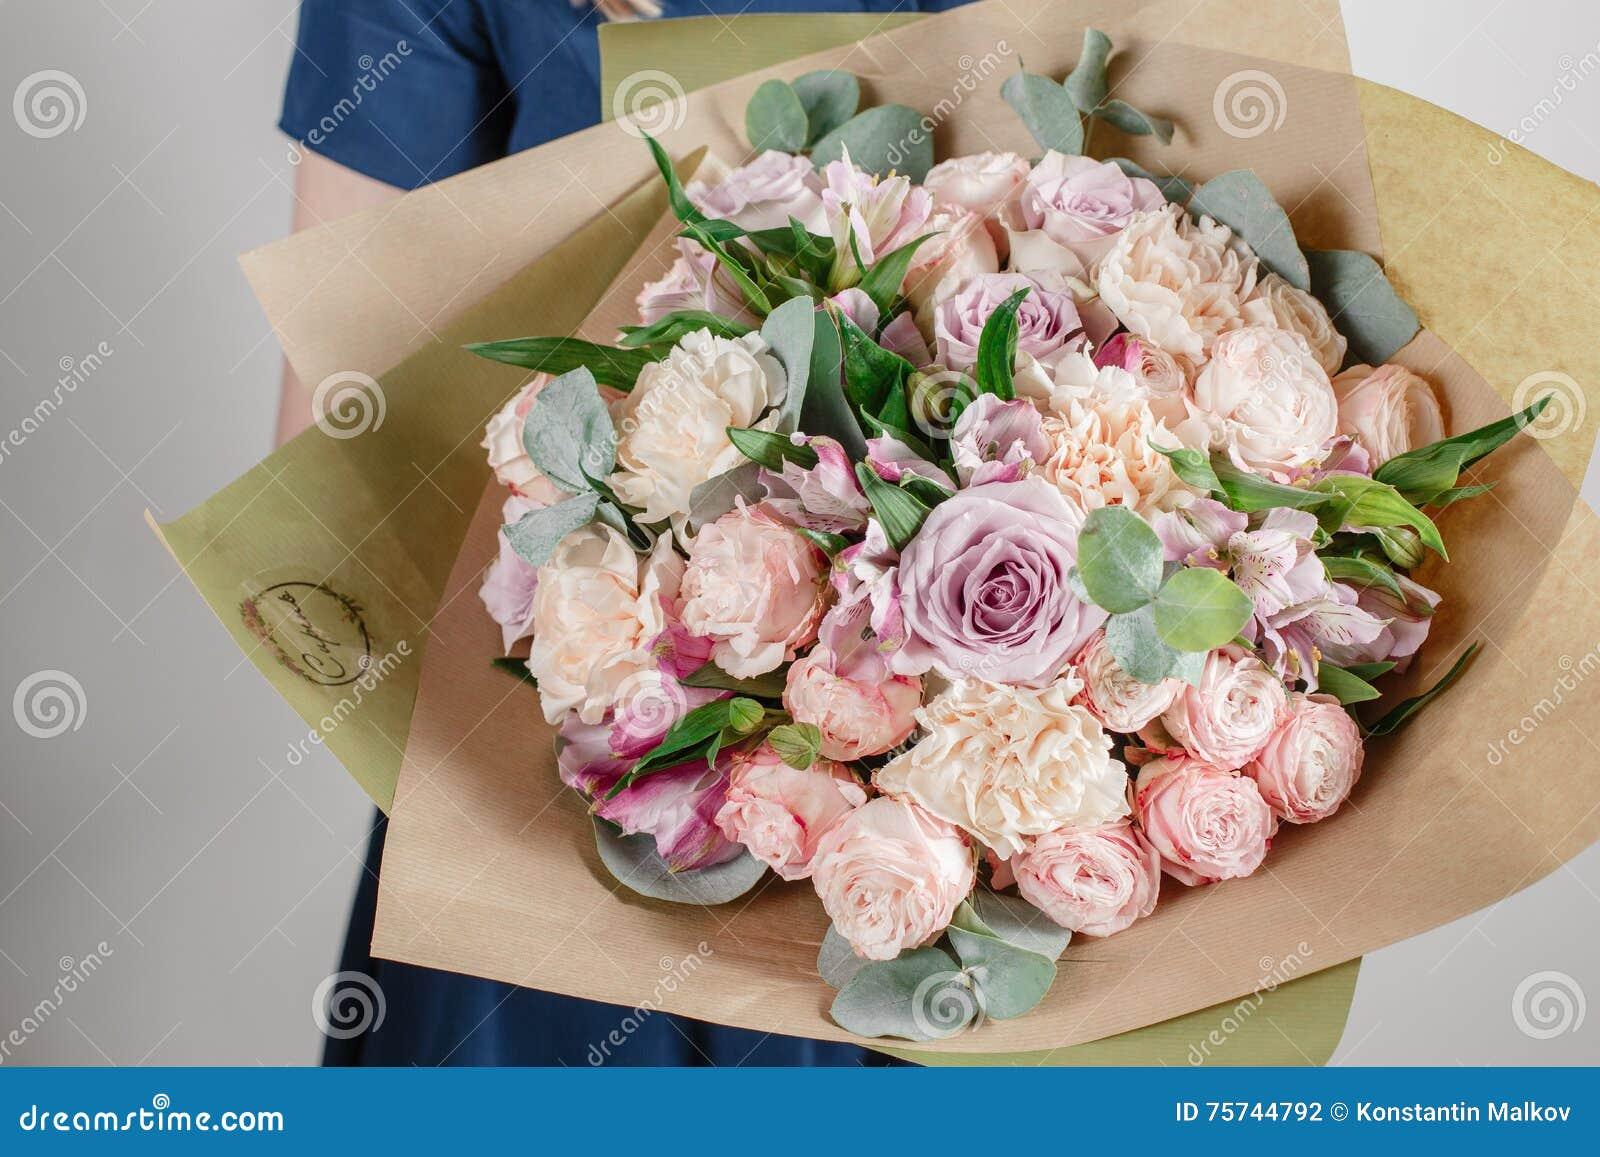 Fille De Fleuriste Avec Les Fleurs Riches De Groupe Bouquet